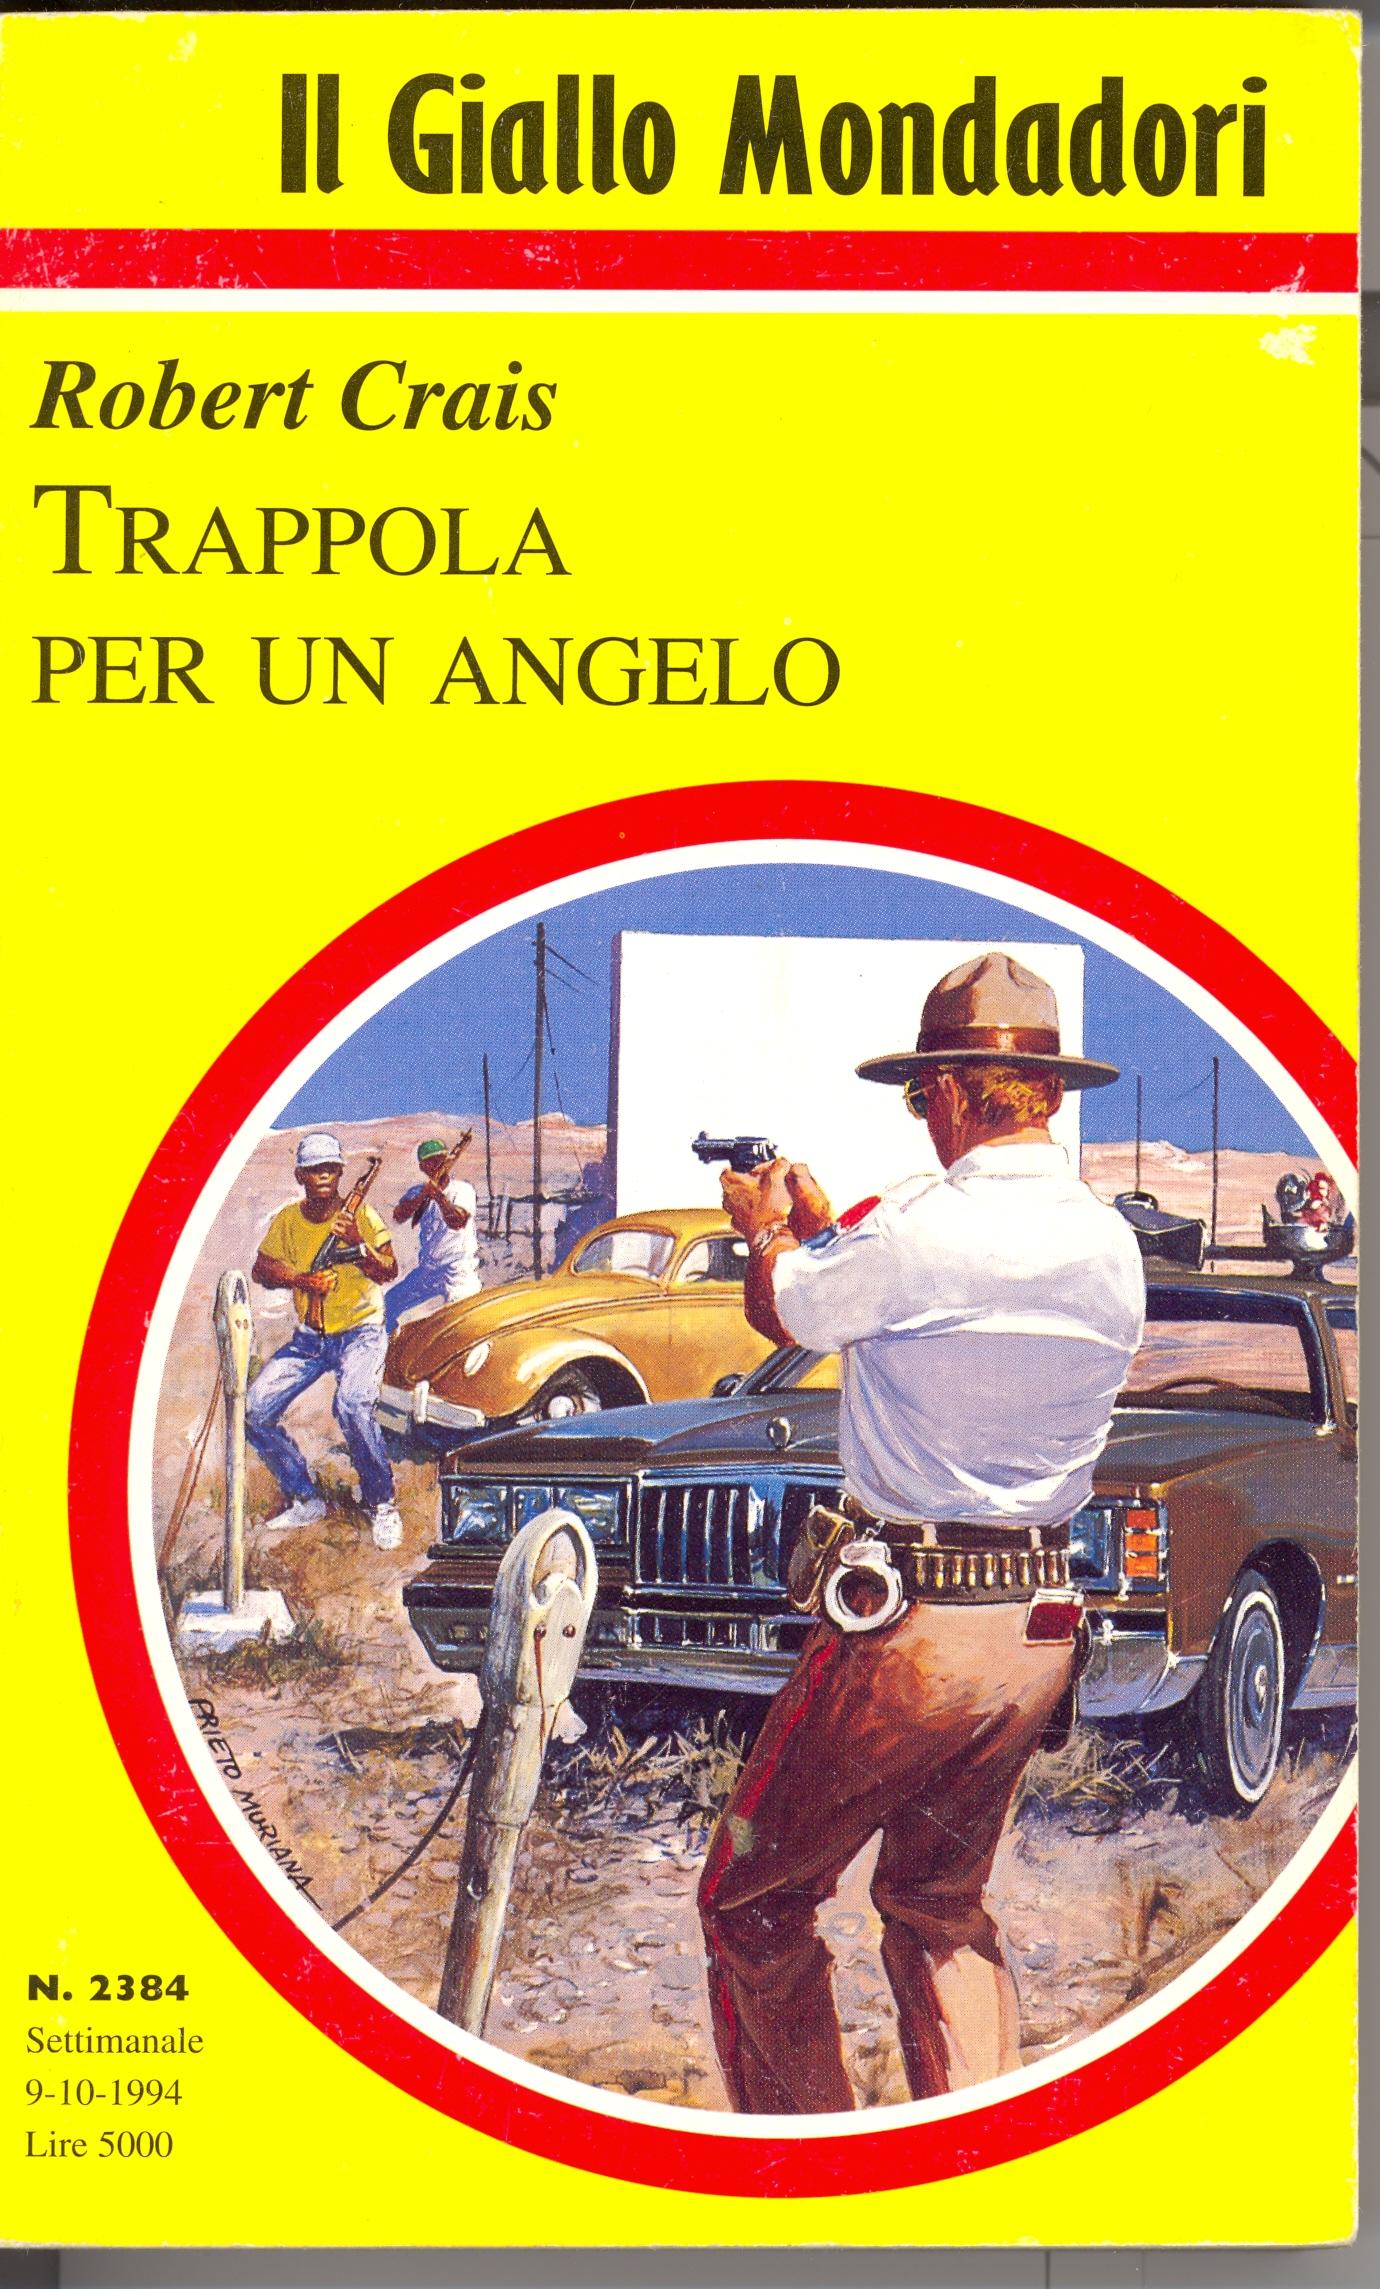 Trappola per un ange...